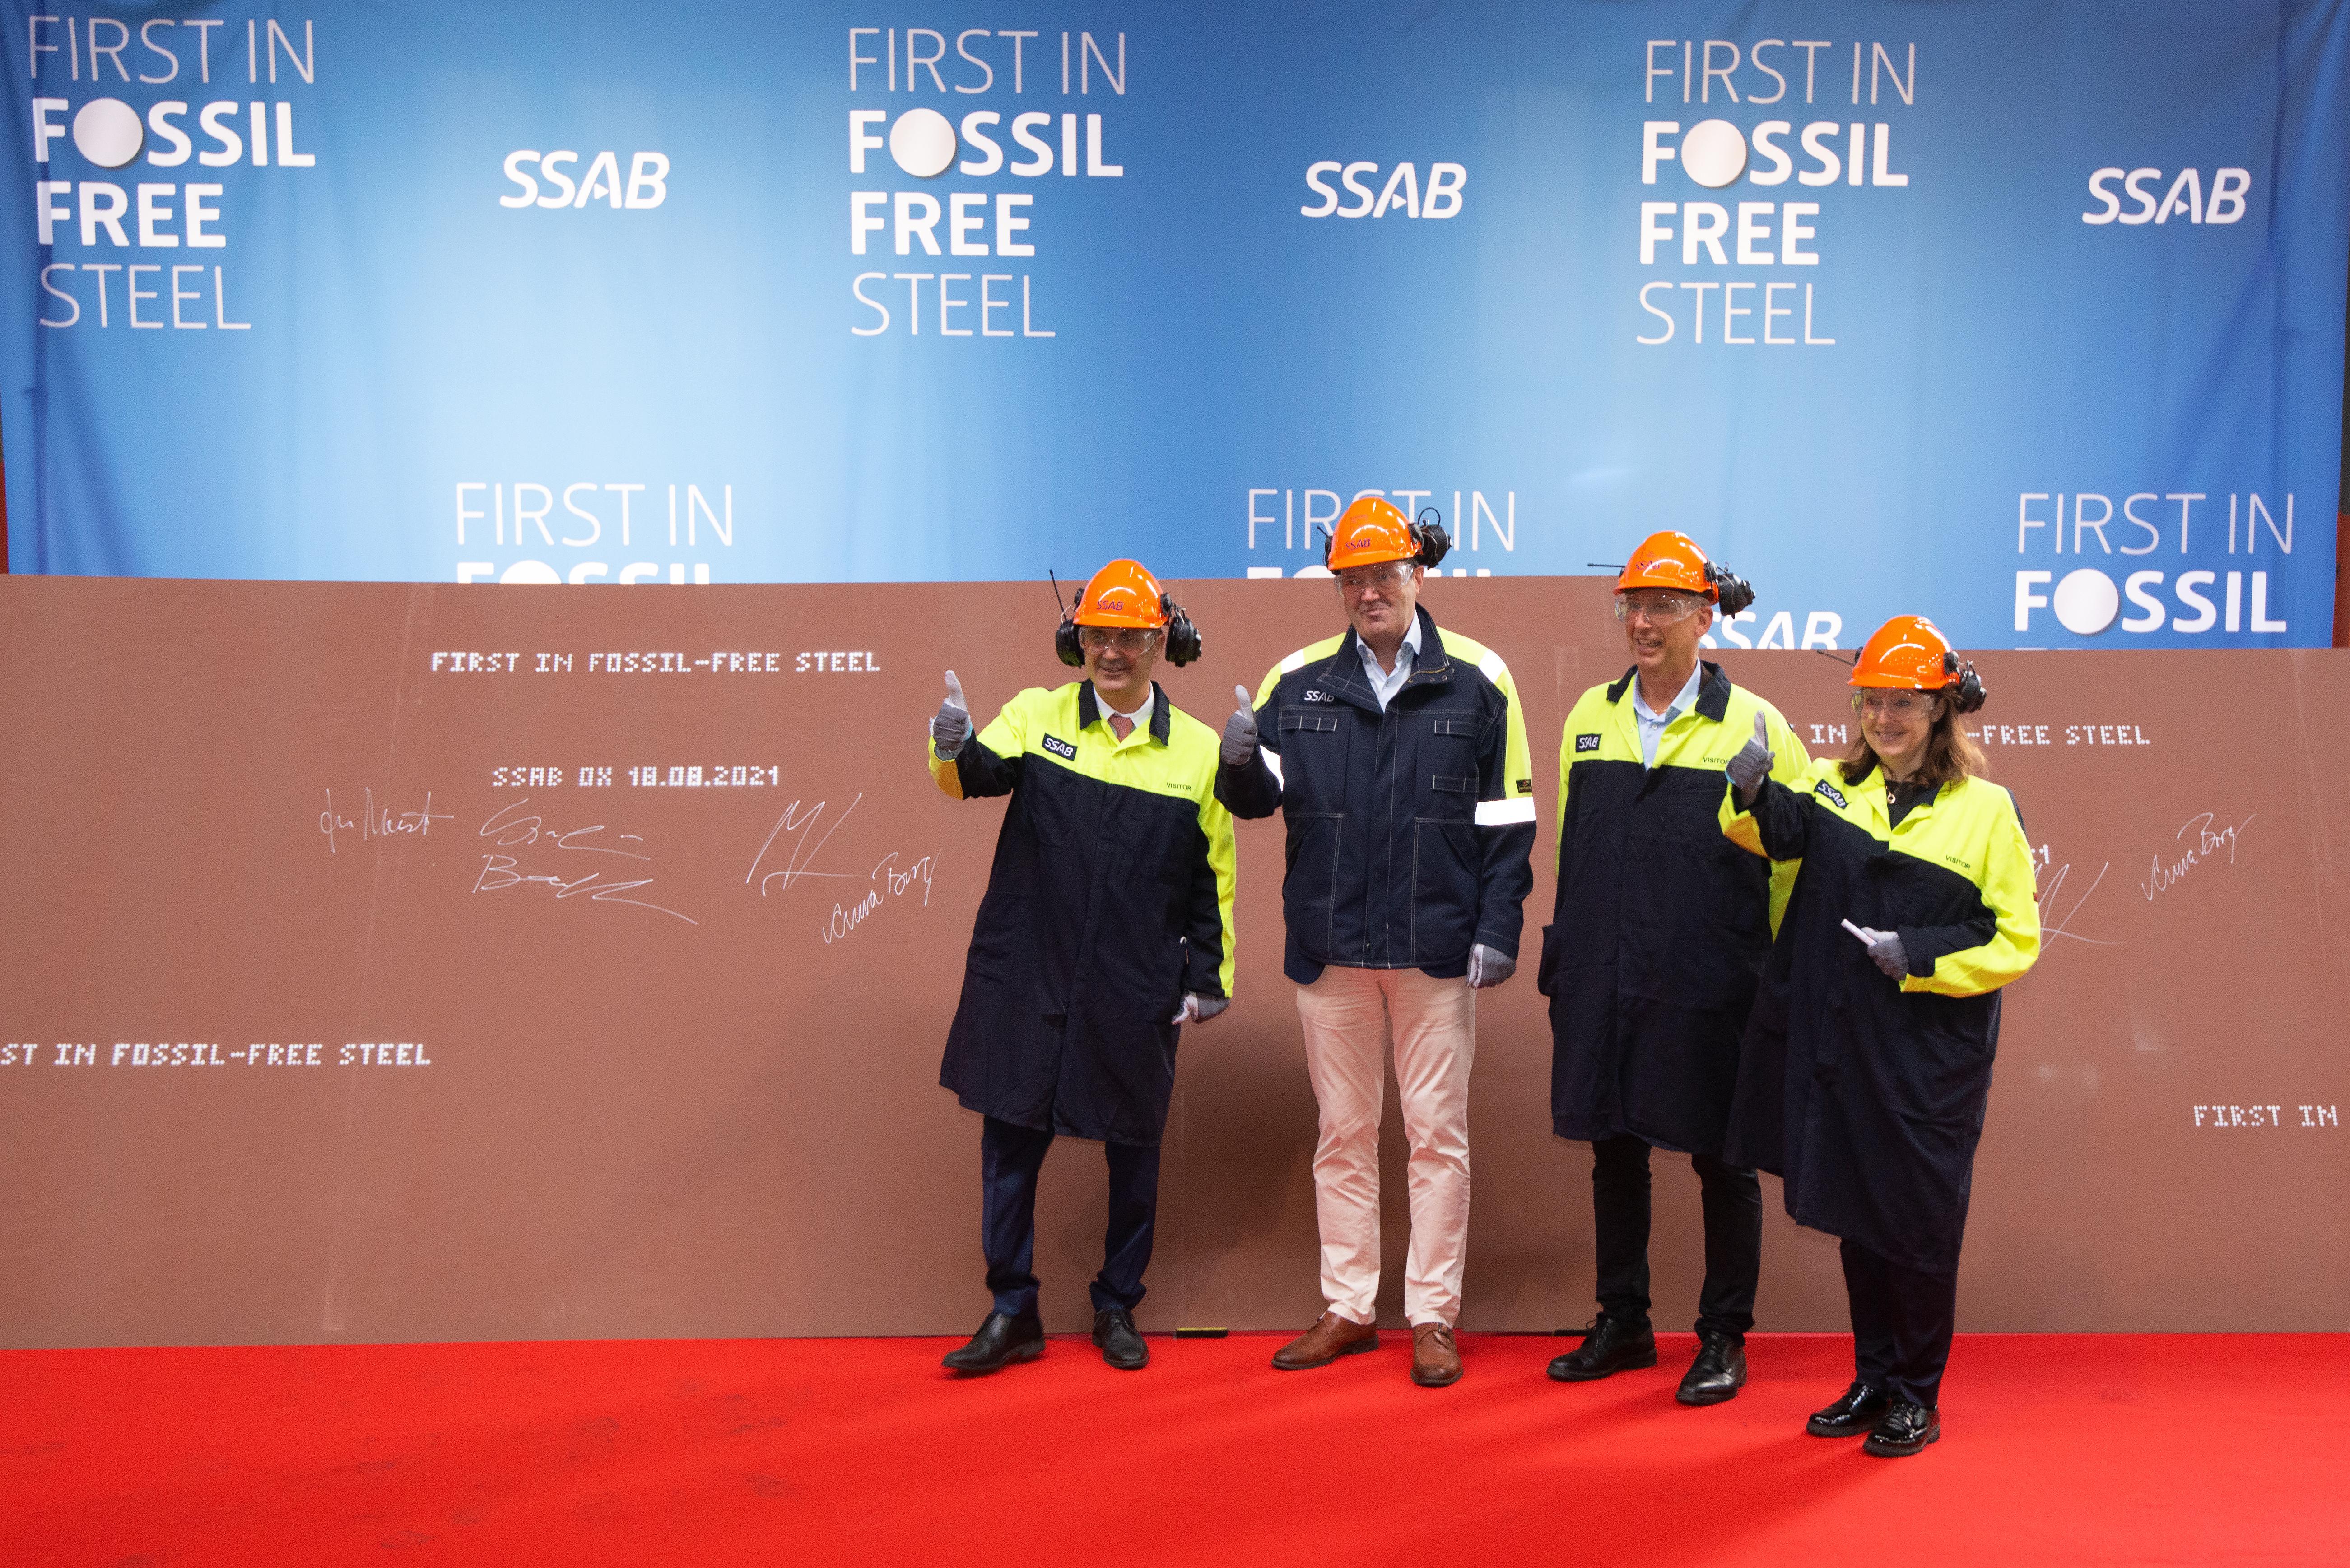 HYBRIT SSAB Oxelösund fossil free steel 2